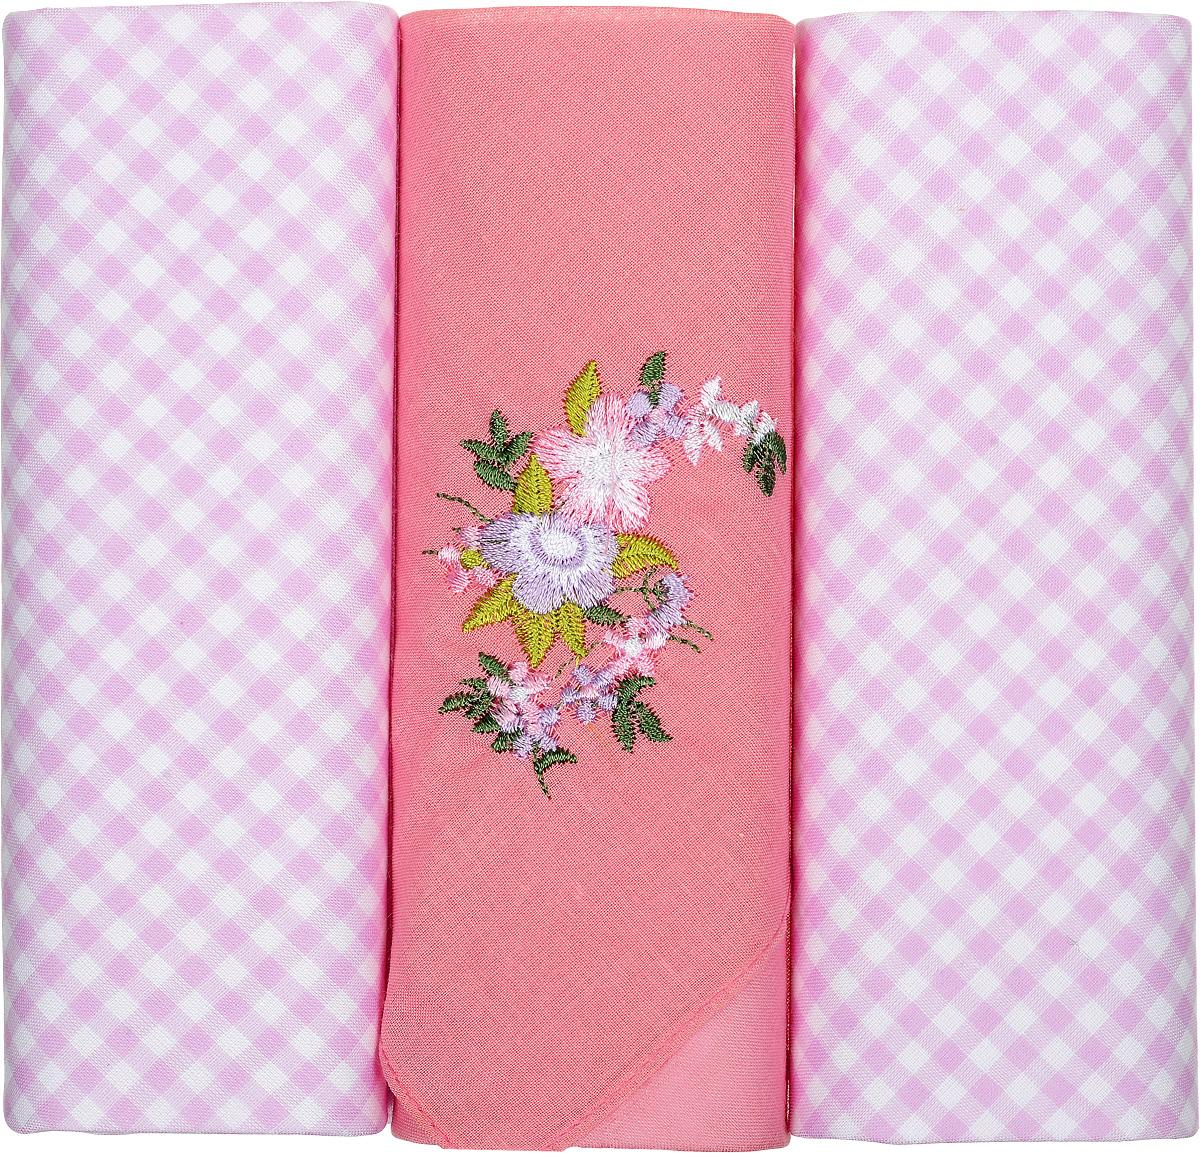 Платок носовой женский Zlata Korunka, цвет: розовый, 3 шт. 90330-2. Размер 28 см х 28 смАжурная брошьНебольшой женский носовой платок Zlata Korunka изготовлен из высококачественного натурального хлопка, благодаря чему приятен в использовании, хорошо стирается, не садится и отлично впитывает влагу. Практичный и изящный носовой платок будет незаменим в повседневной жизни любого современного человека. Такой платок послужит стильным аксессуаром и подчеркнет ваше превосходное чувство вкуса.В комплекте 3 платка.